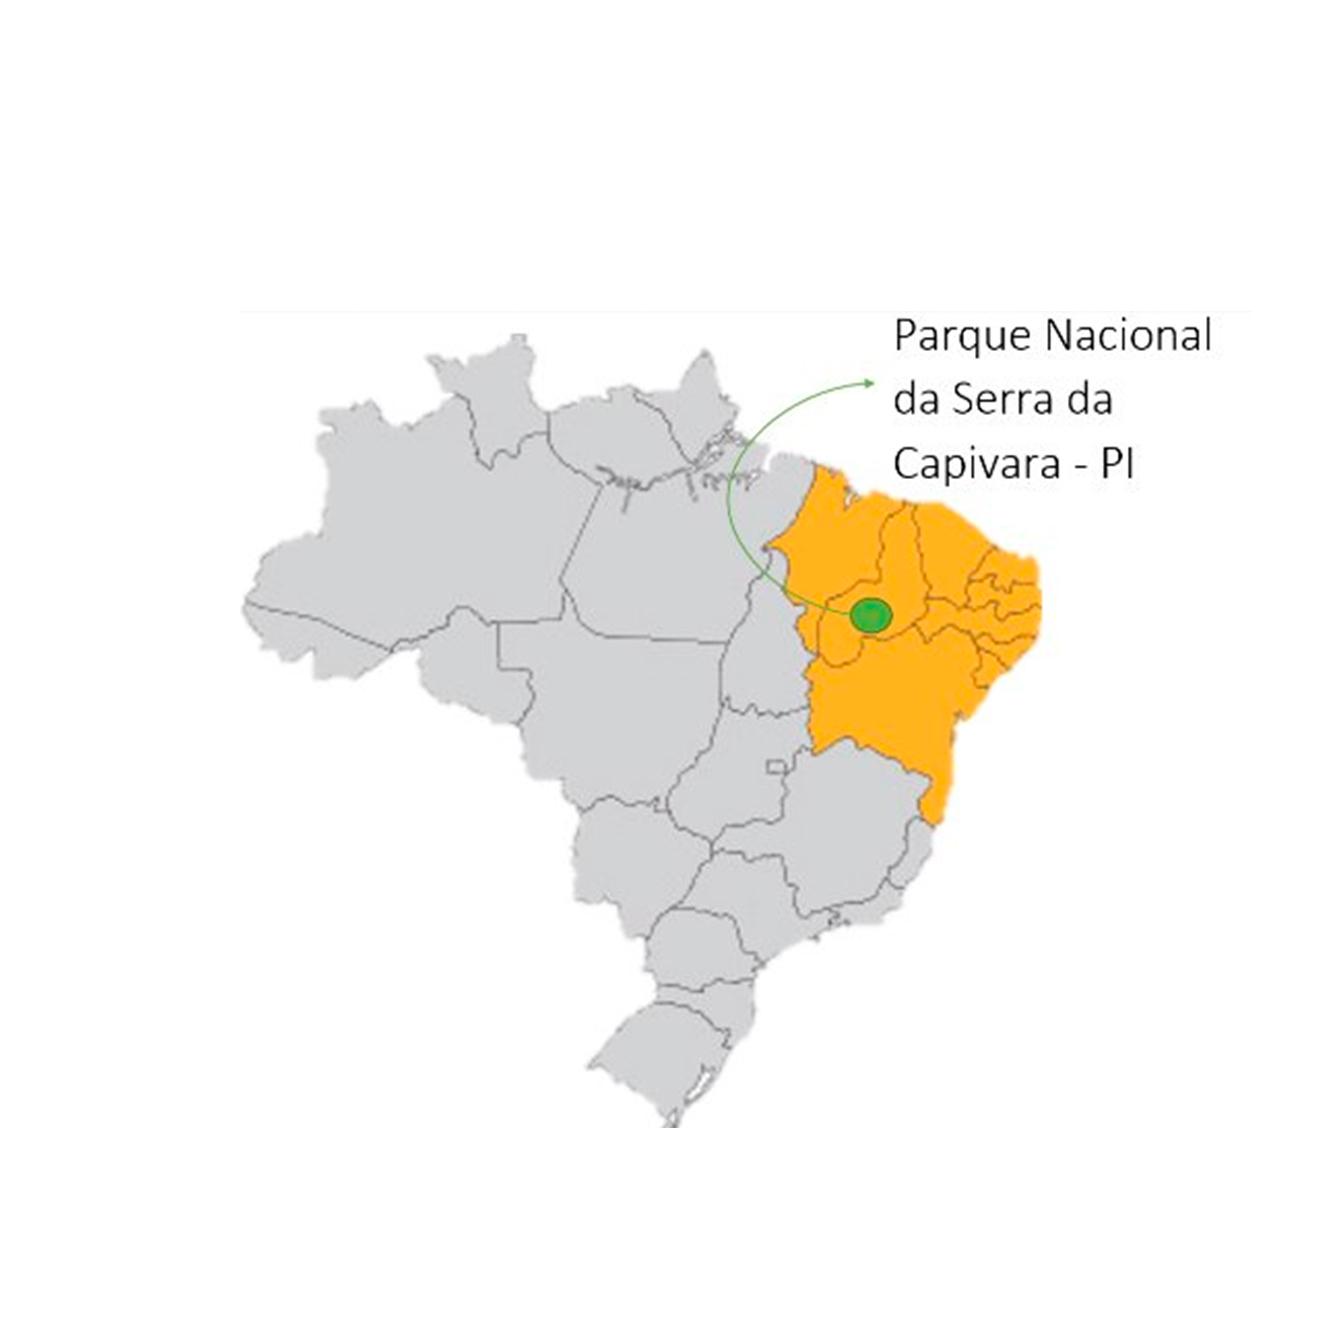 onde fica o parque nacional da serra da capivara